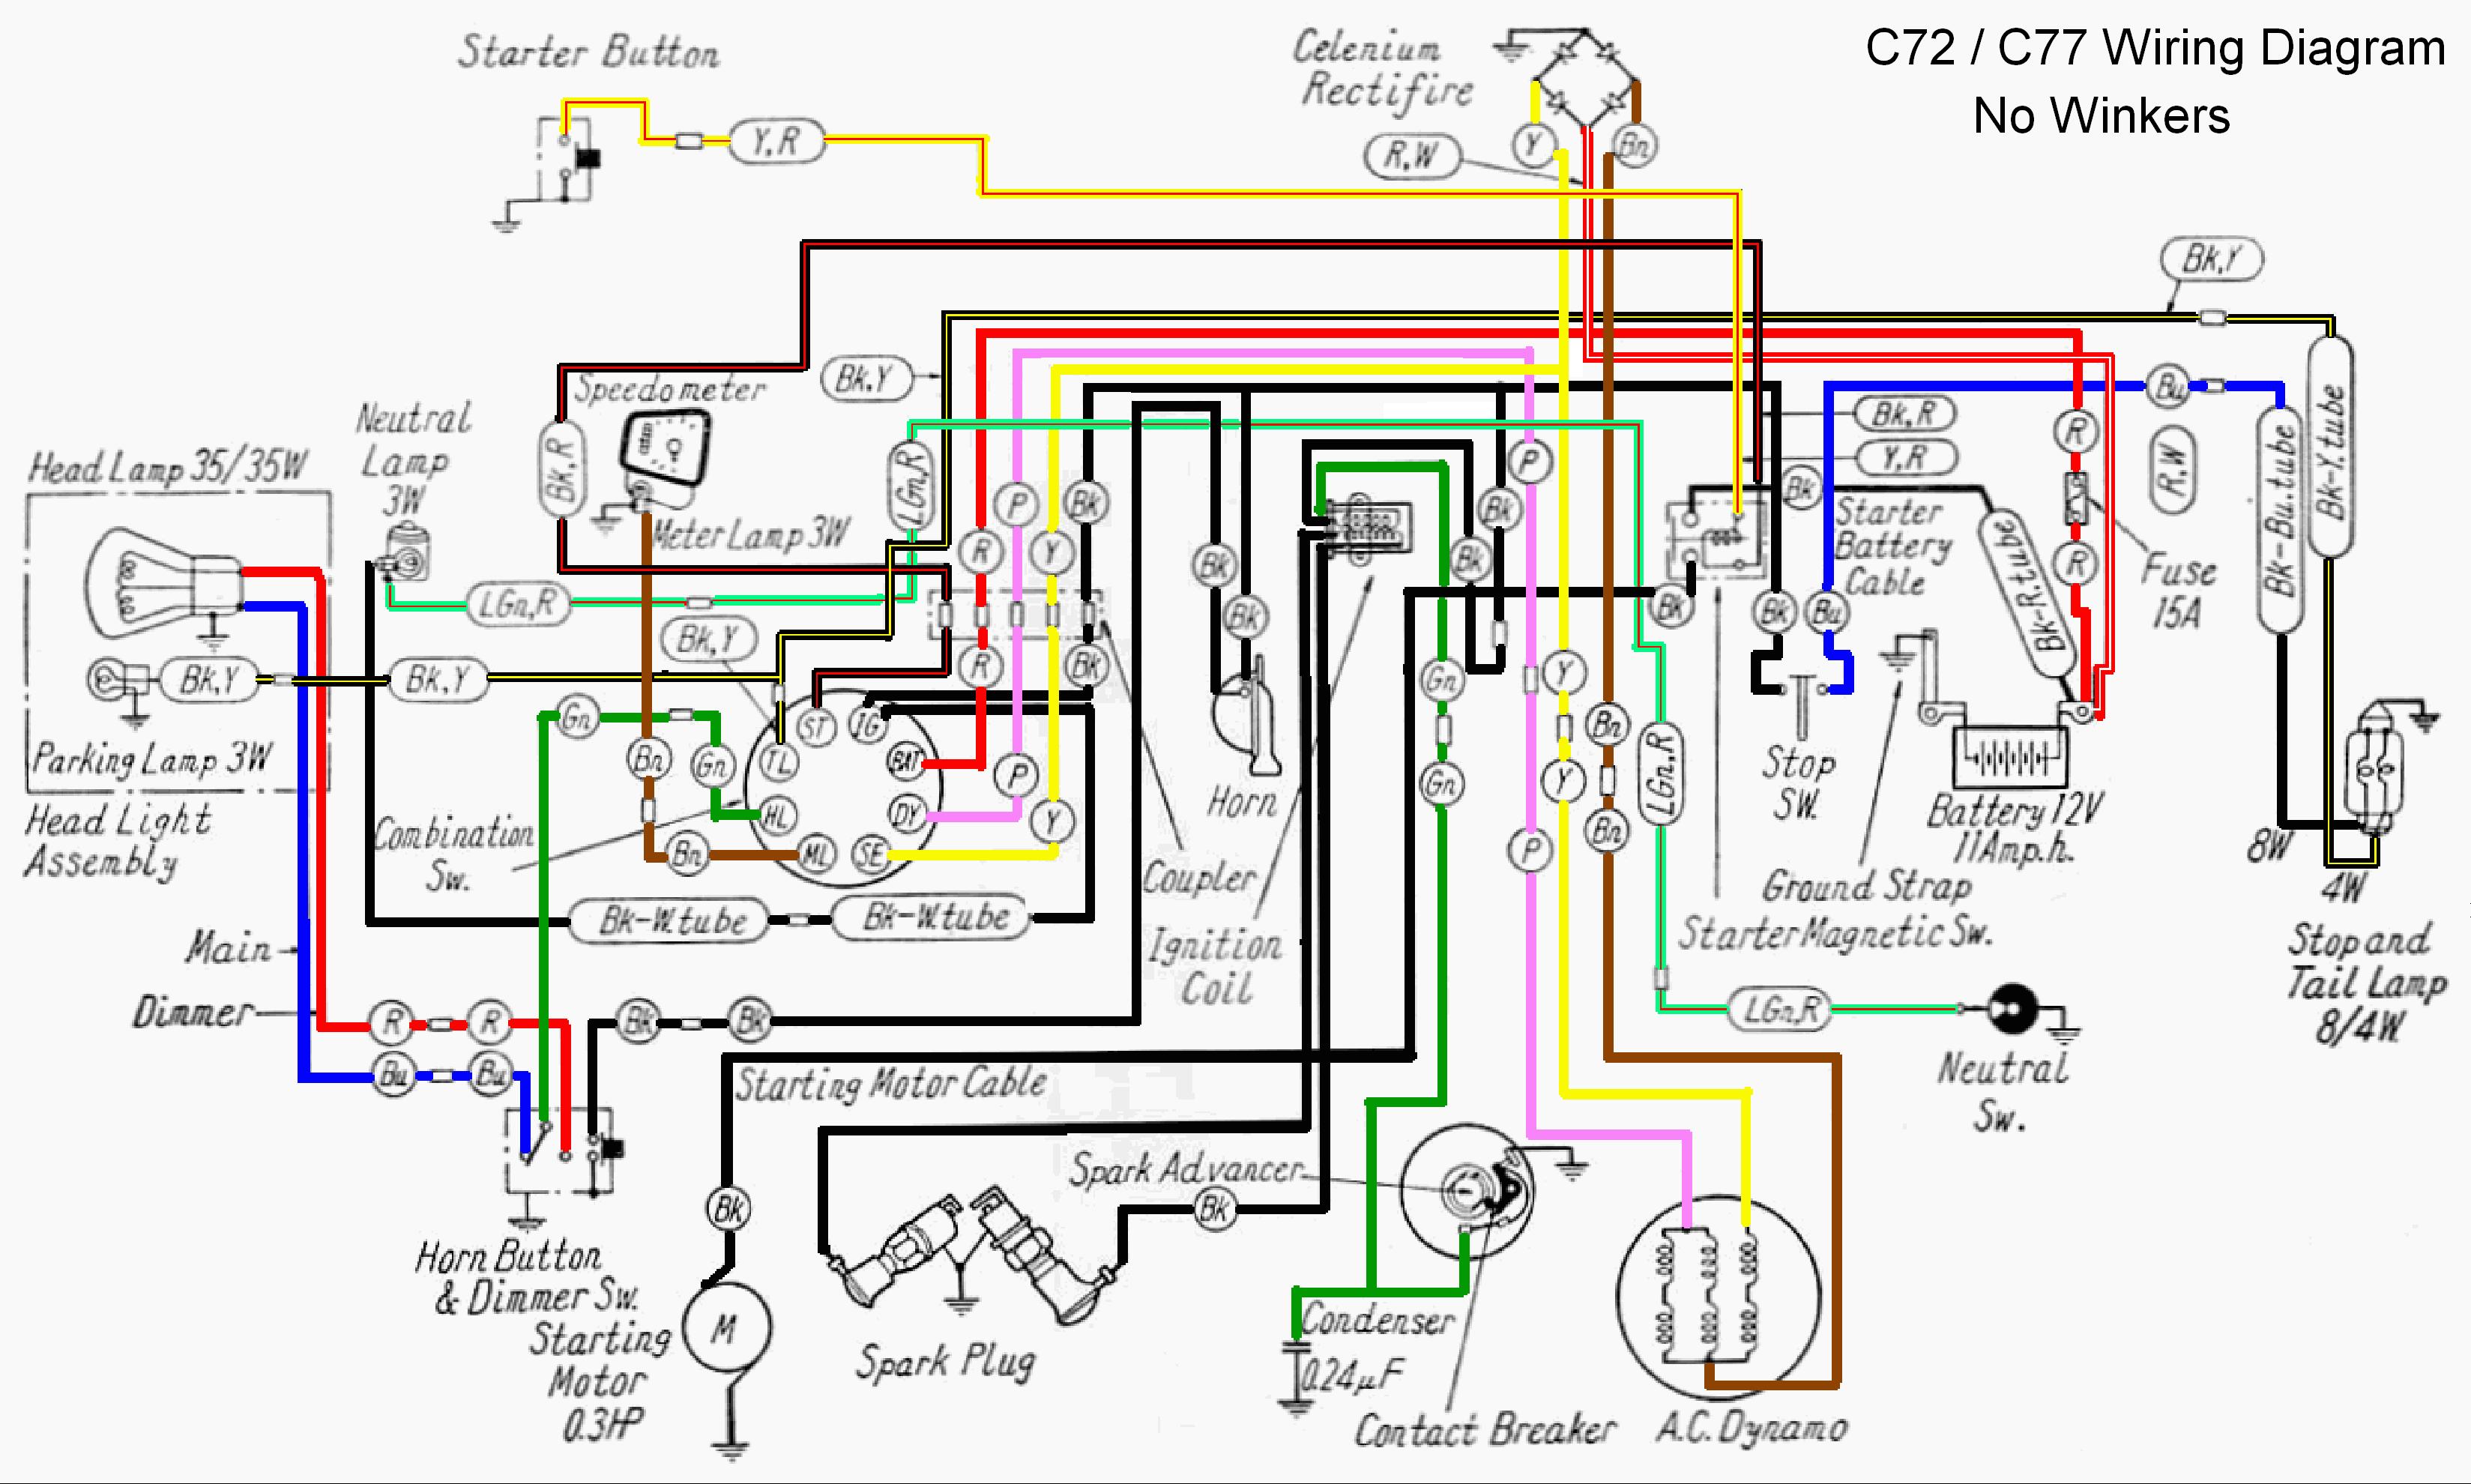 Honda Bf225 Wiring Diagram | Wiring Diagram on